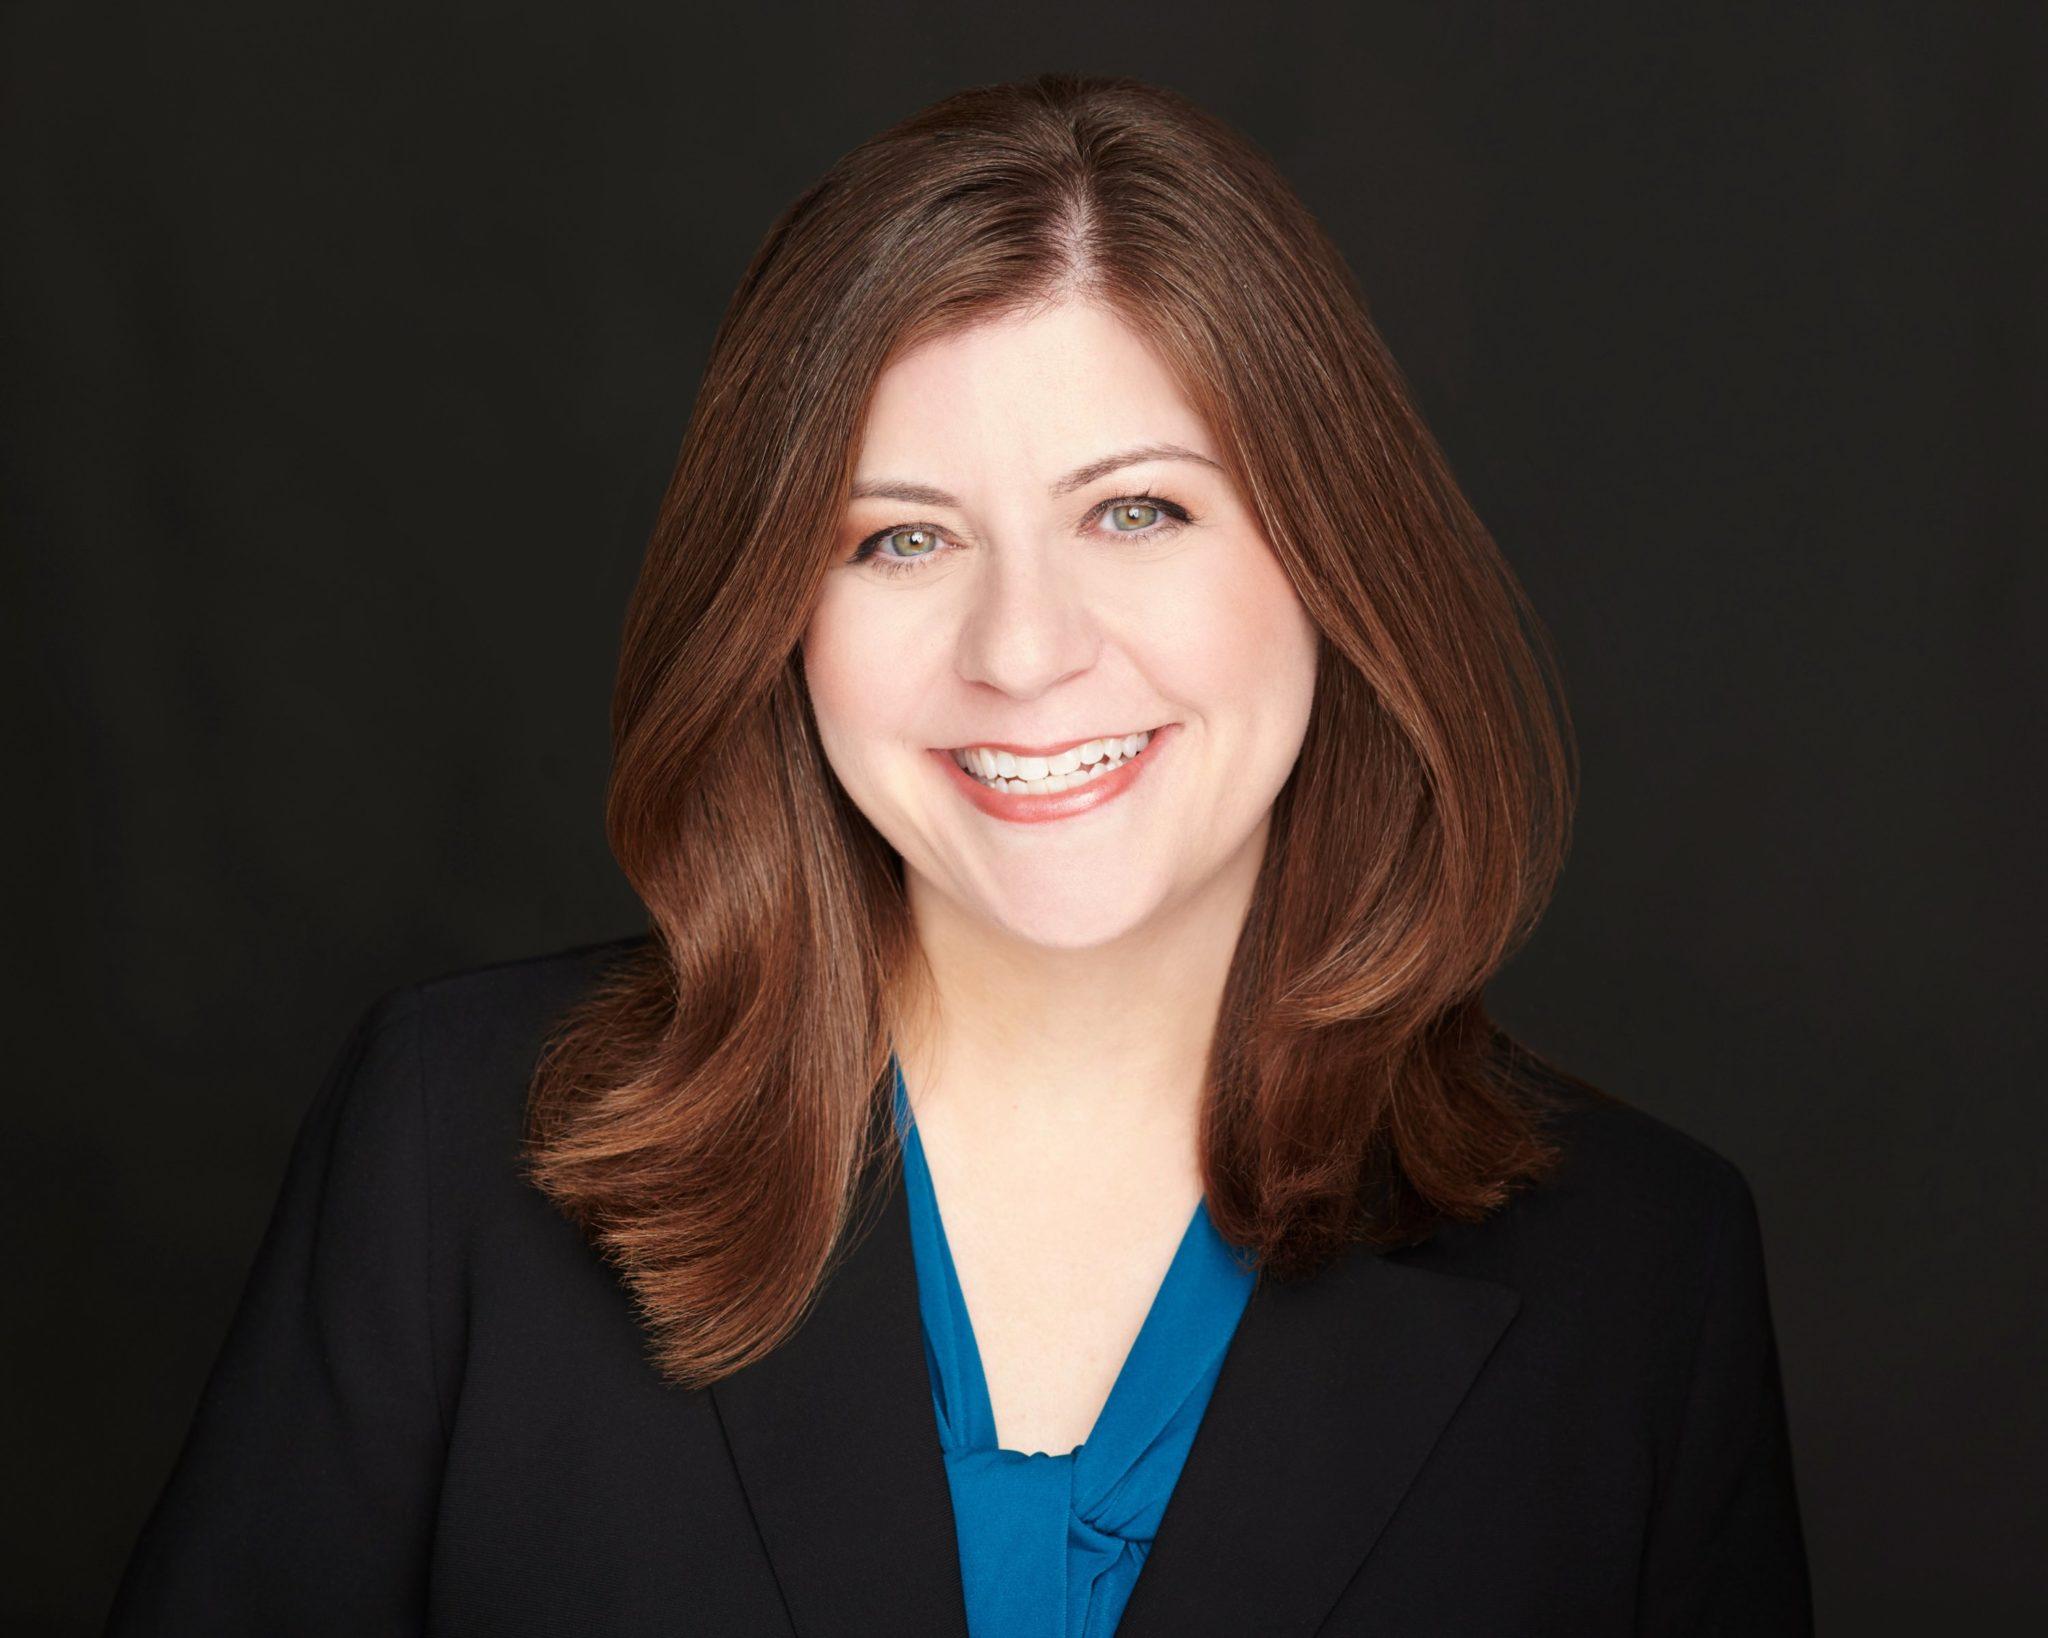 Samantha H. Kravitz